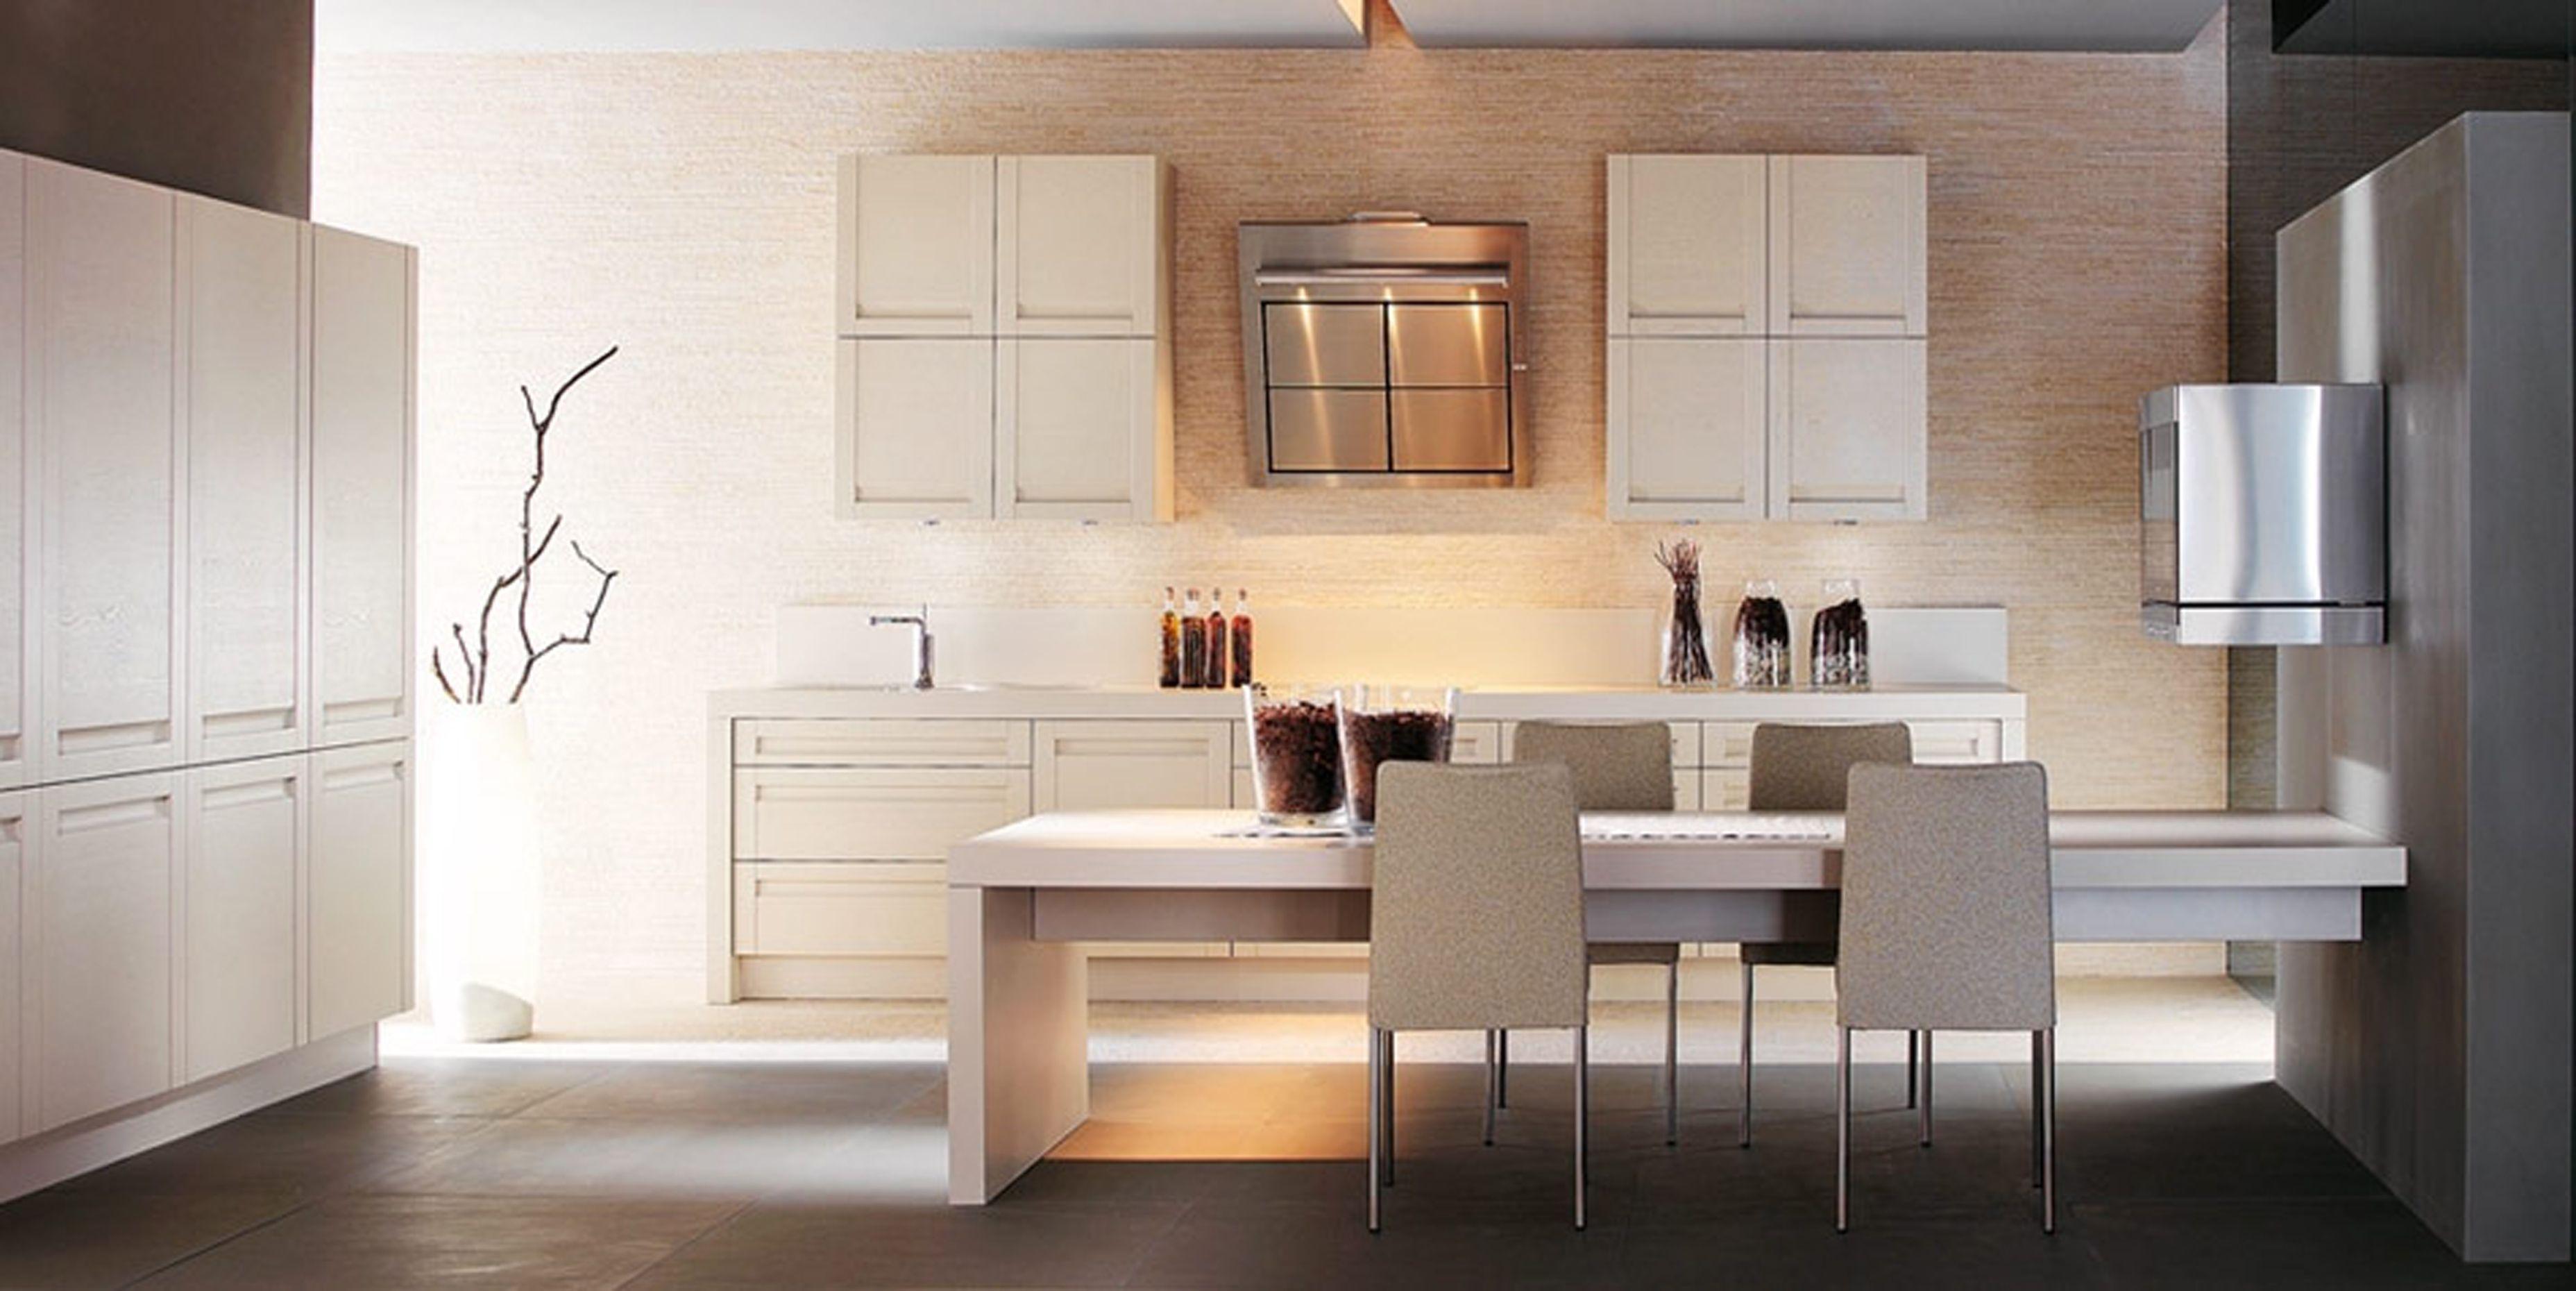 Fantastisch Hgtv Kleine Küche Design Ideen Galerie - Ideen Für Die ...